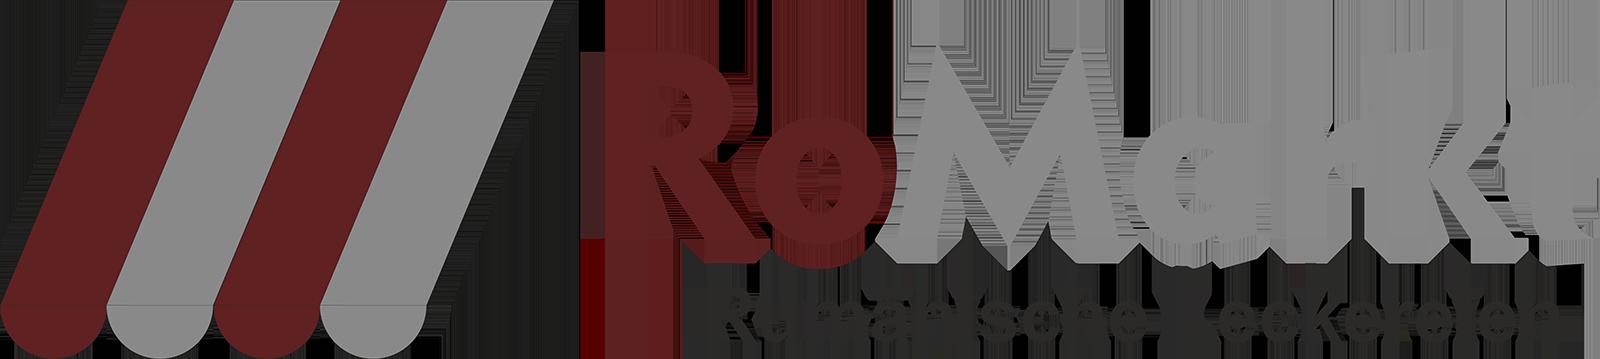 RoMarkt